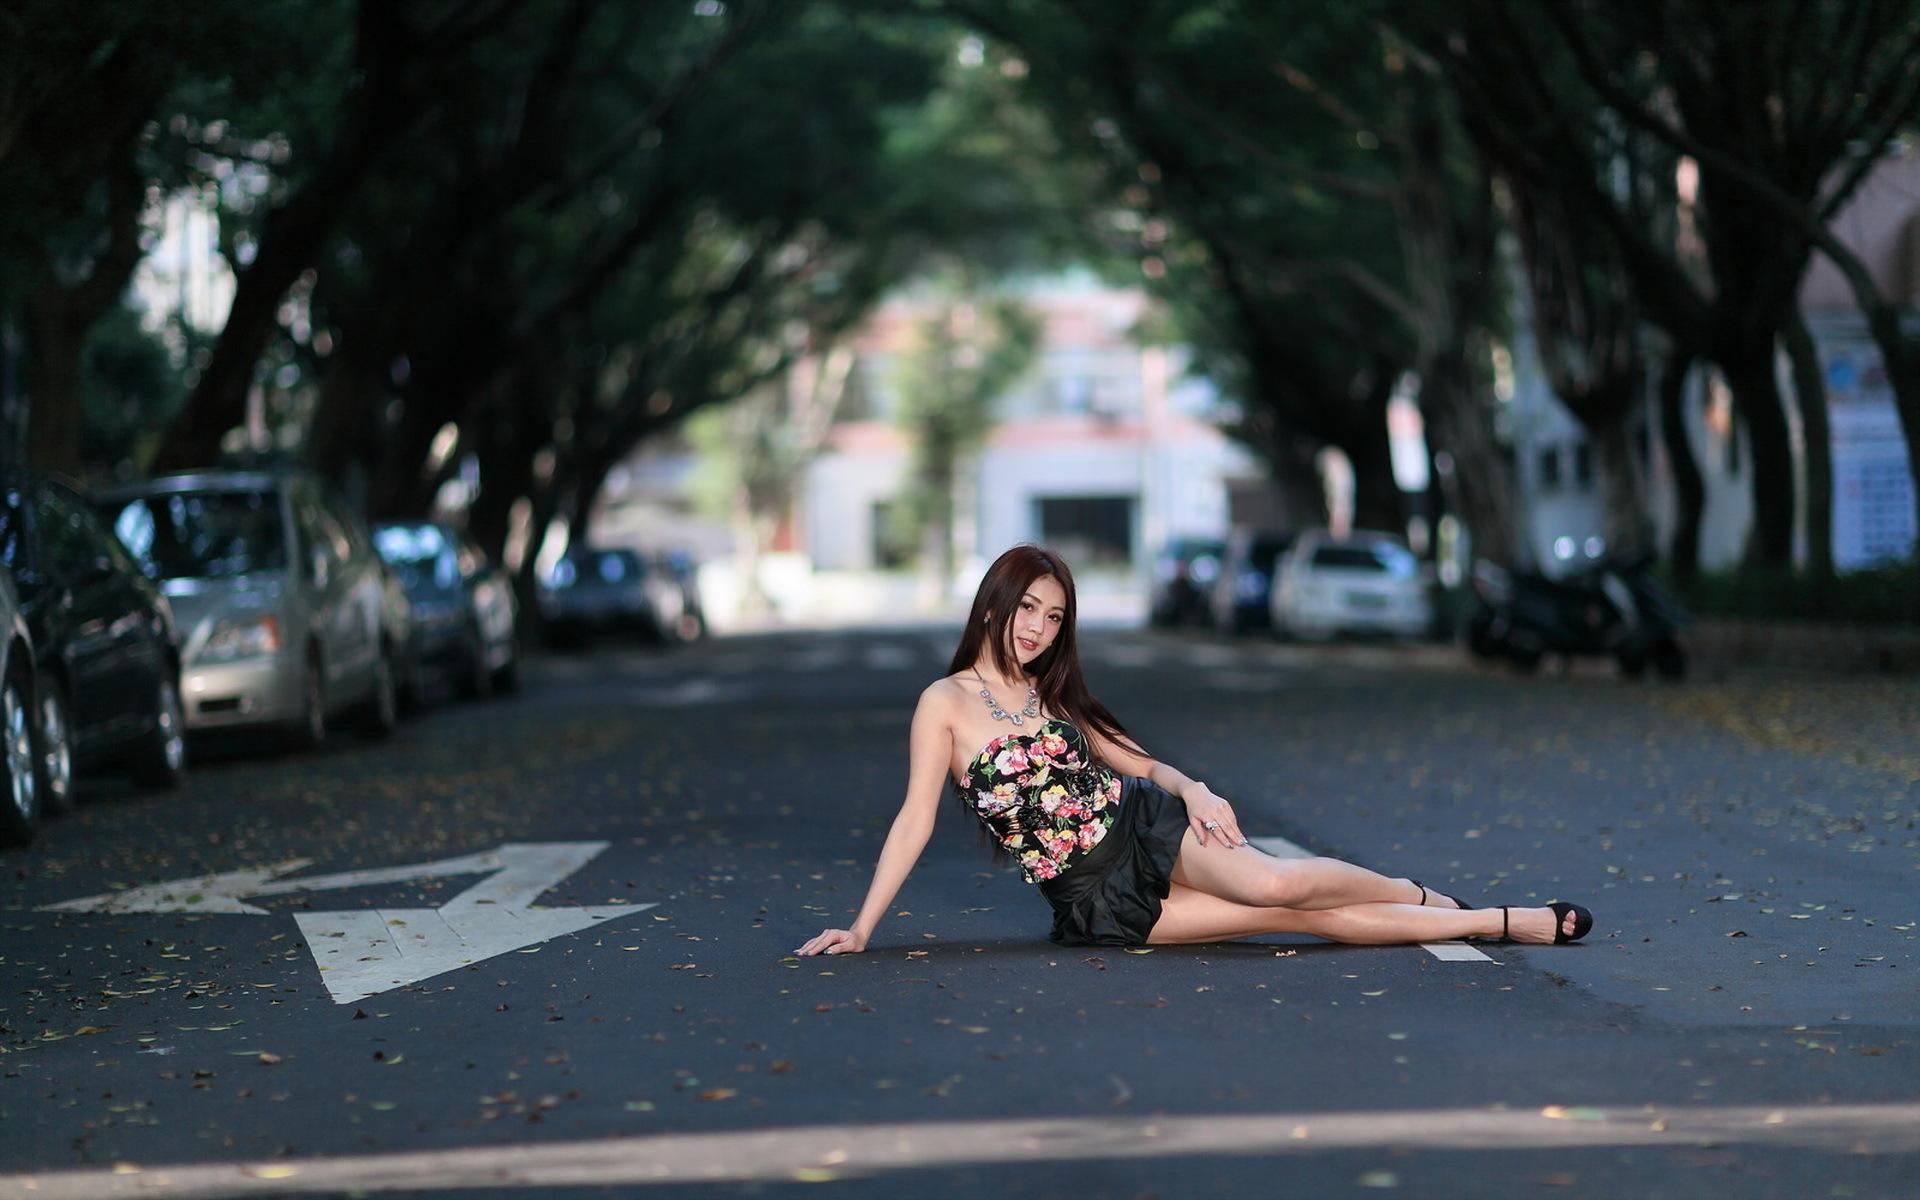 Девушка обнажается на городской улице, смотреть секс видео как парень проиграл свою девушку в карты